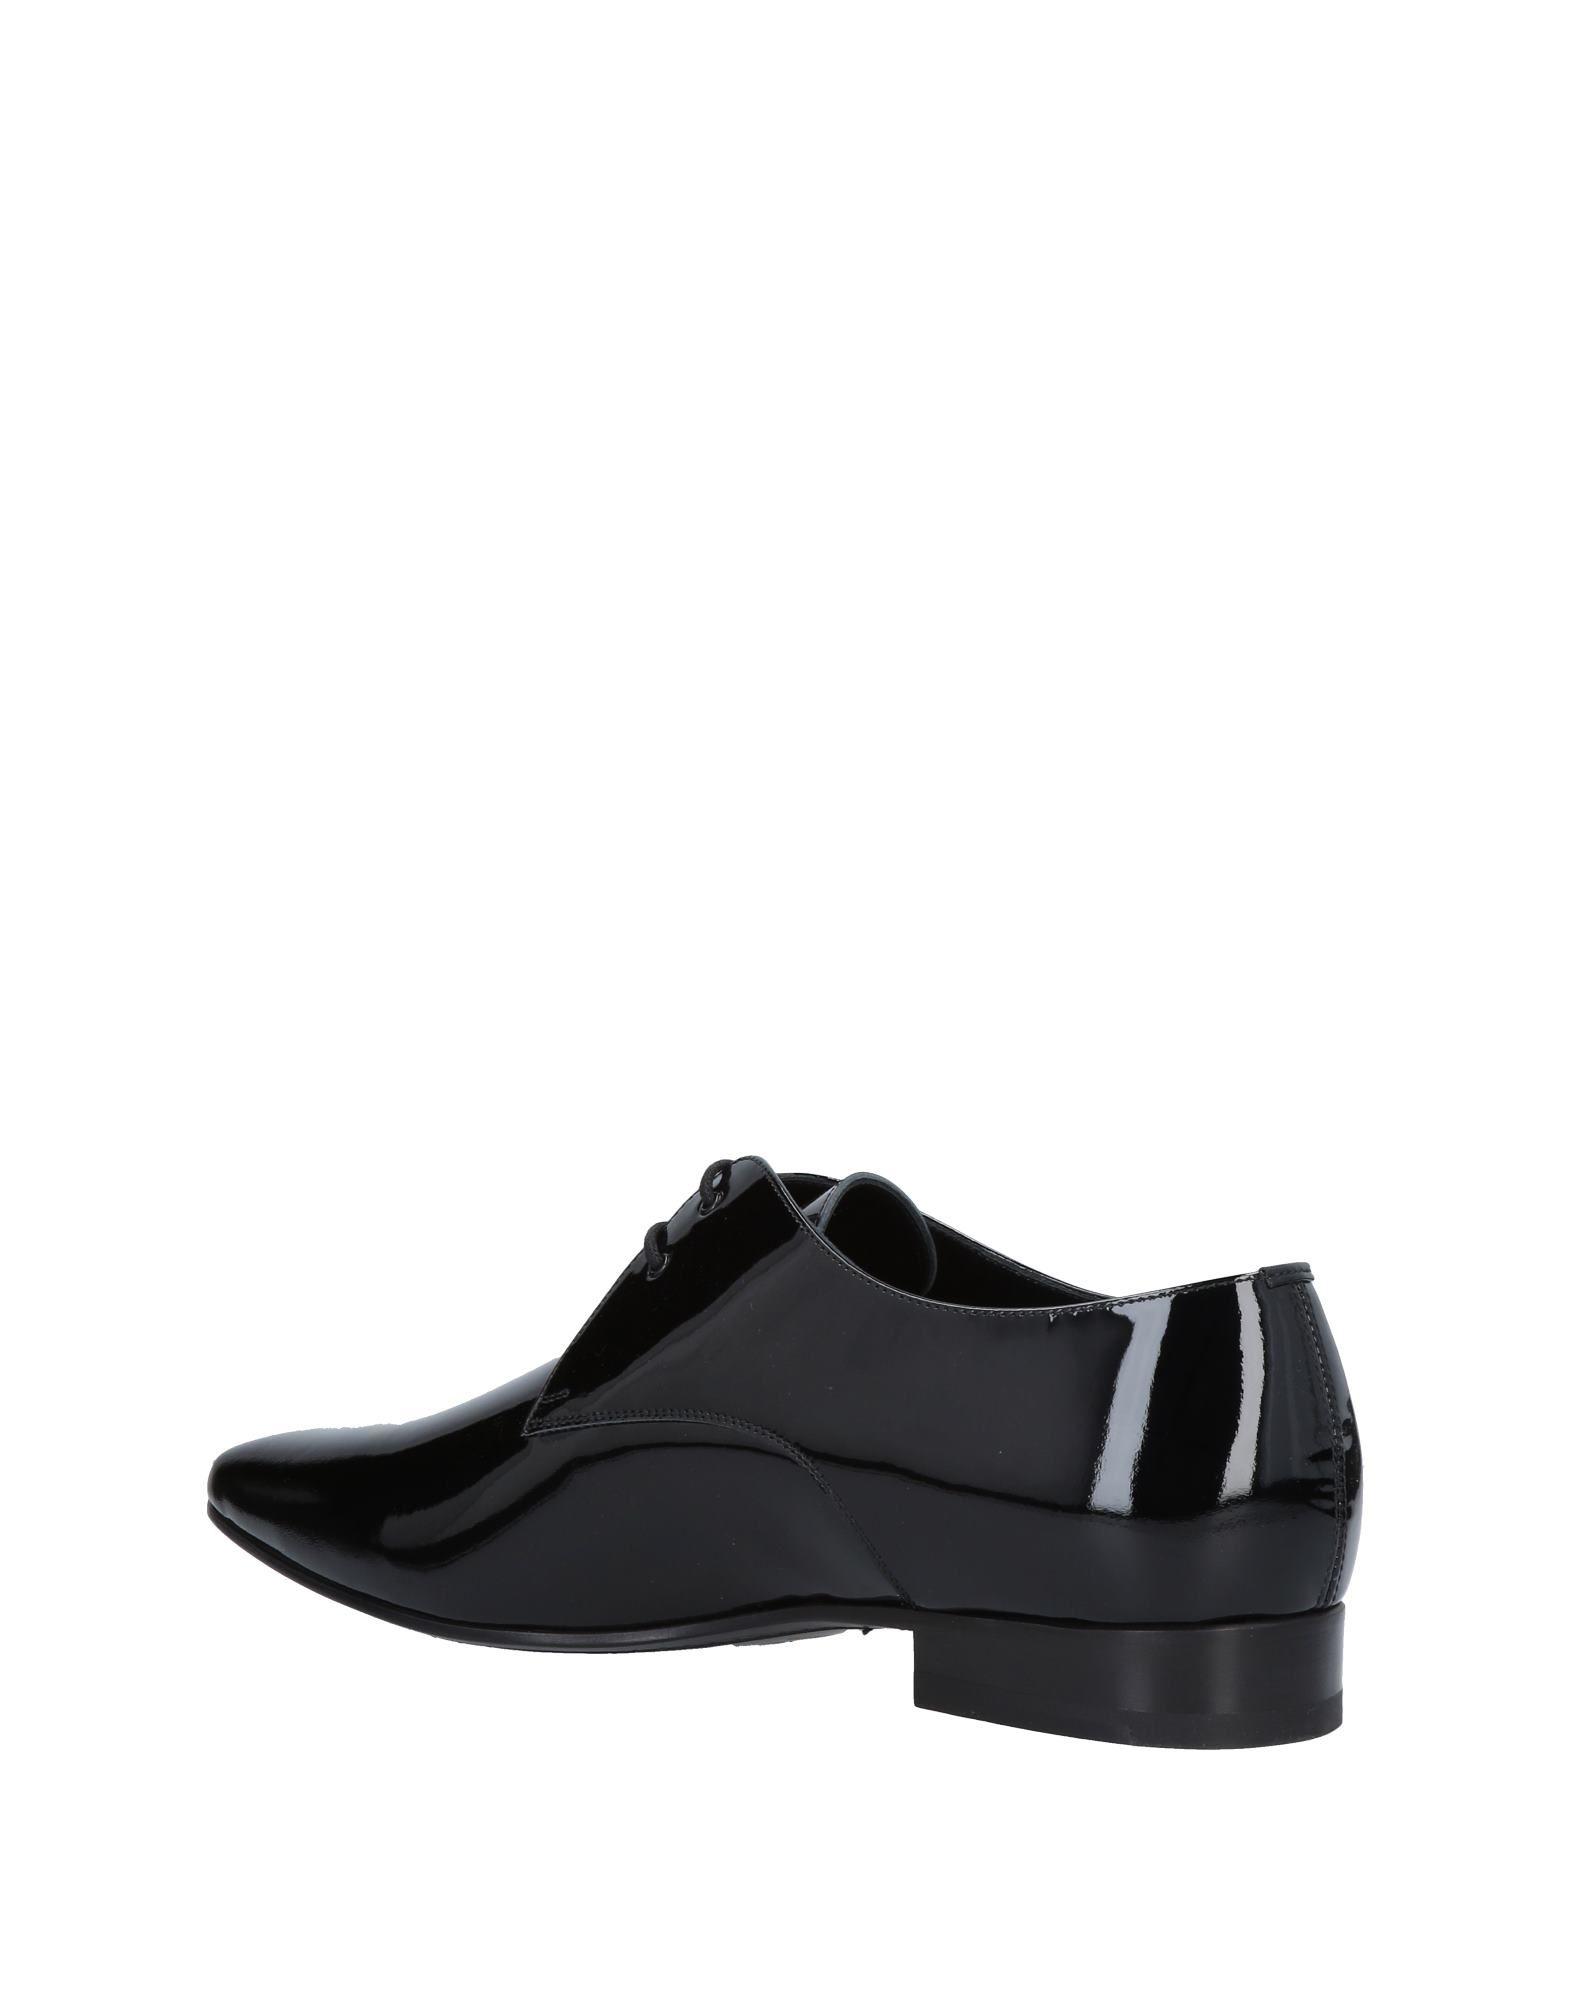 Olgana Paris Schnürschuhe Herren  11472925OO Gute Qualität beliebte Schuhe